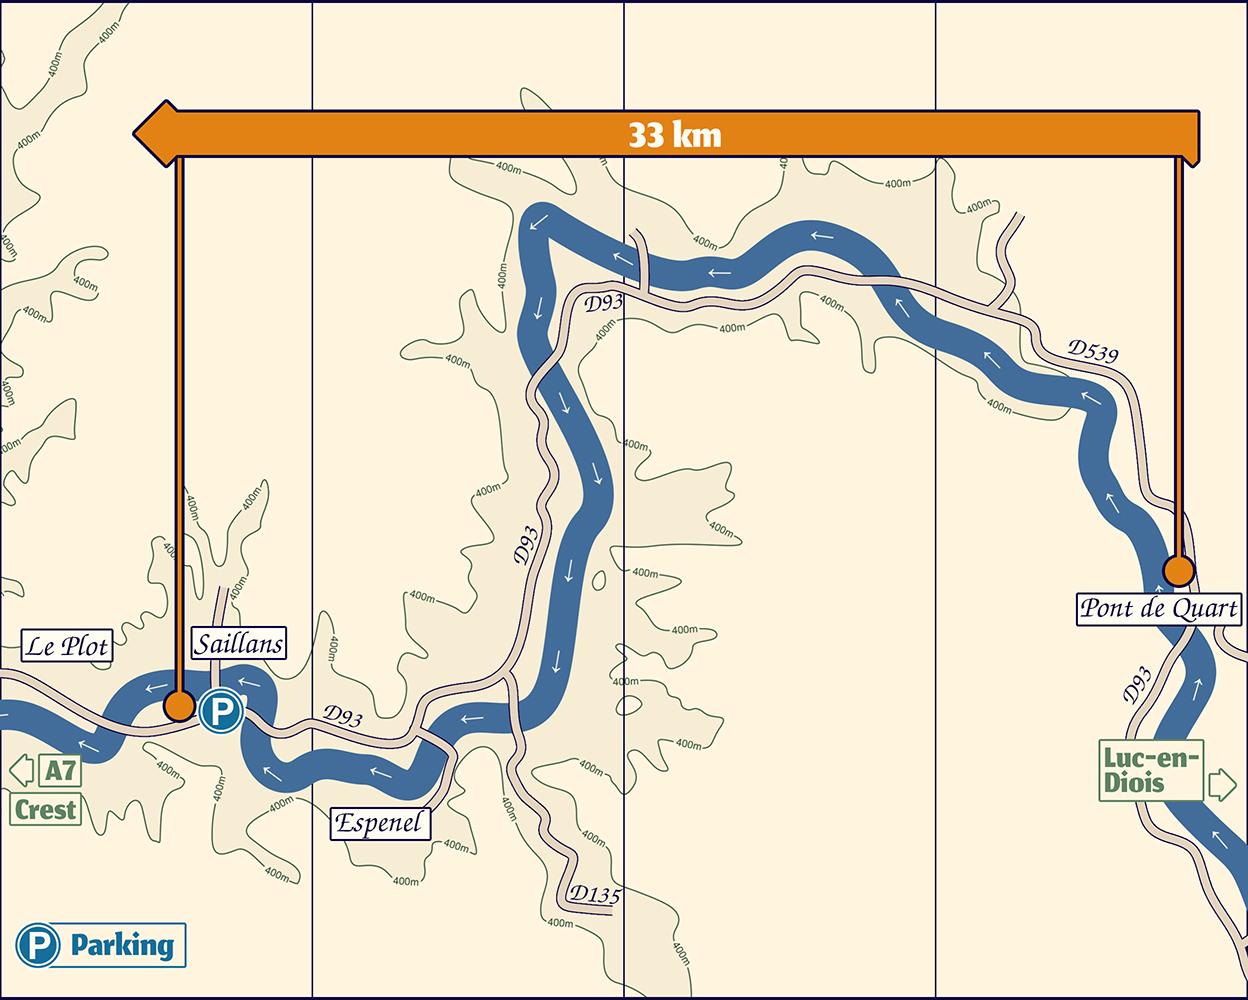 Plan de la Descente de la Drôme en Canoë Kayak de Pont de Quart à Saillans